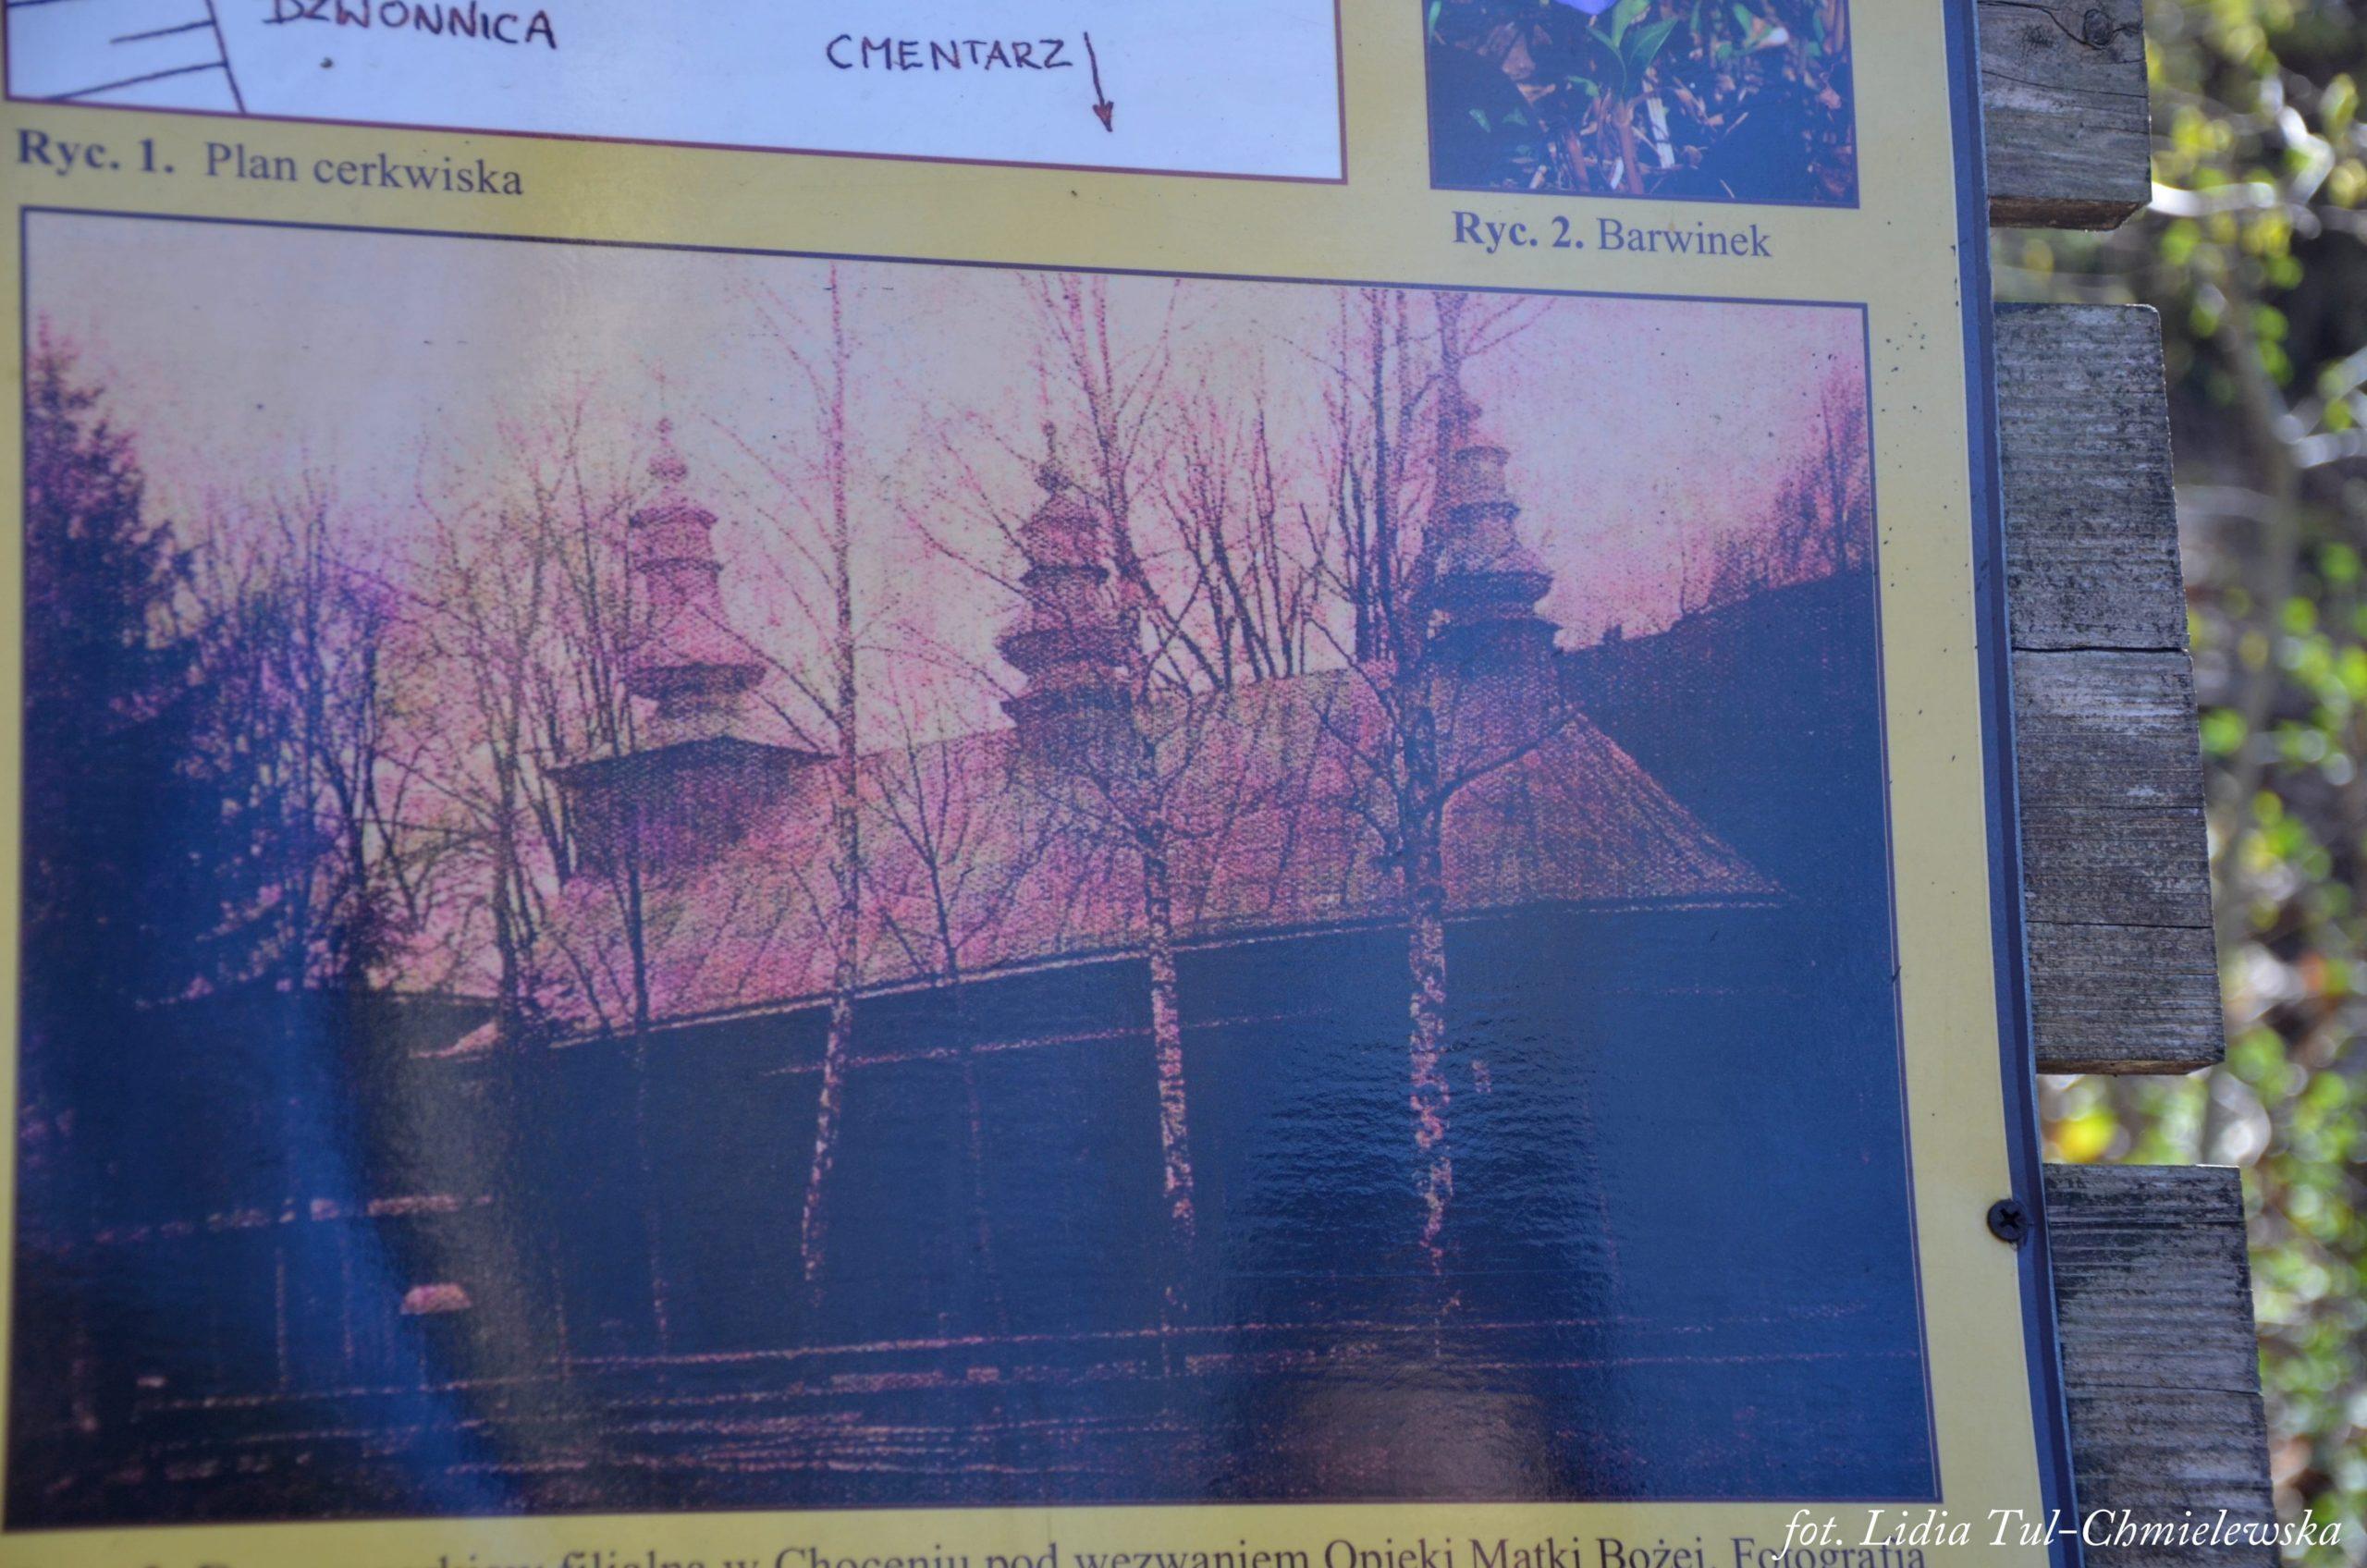 Choceń - widok cerkwi tablica informacyjna